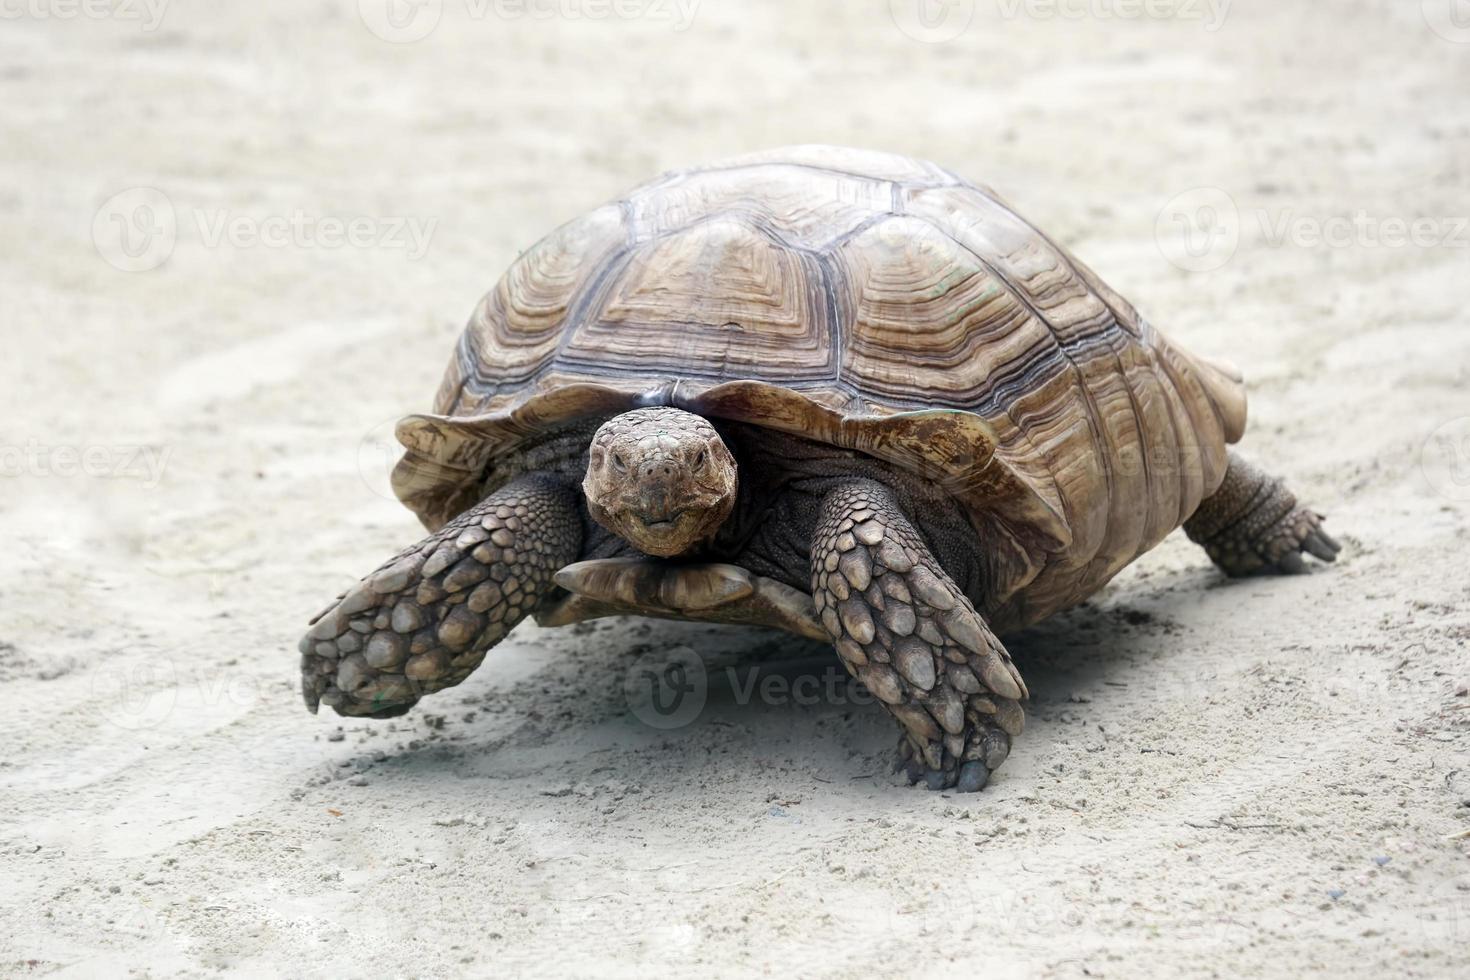 tartaruga grande elefante rastejando na areia foto